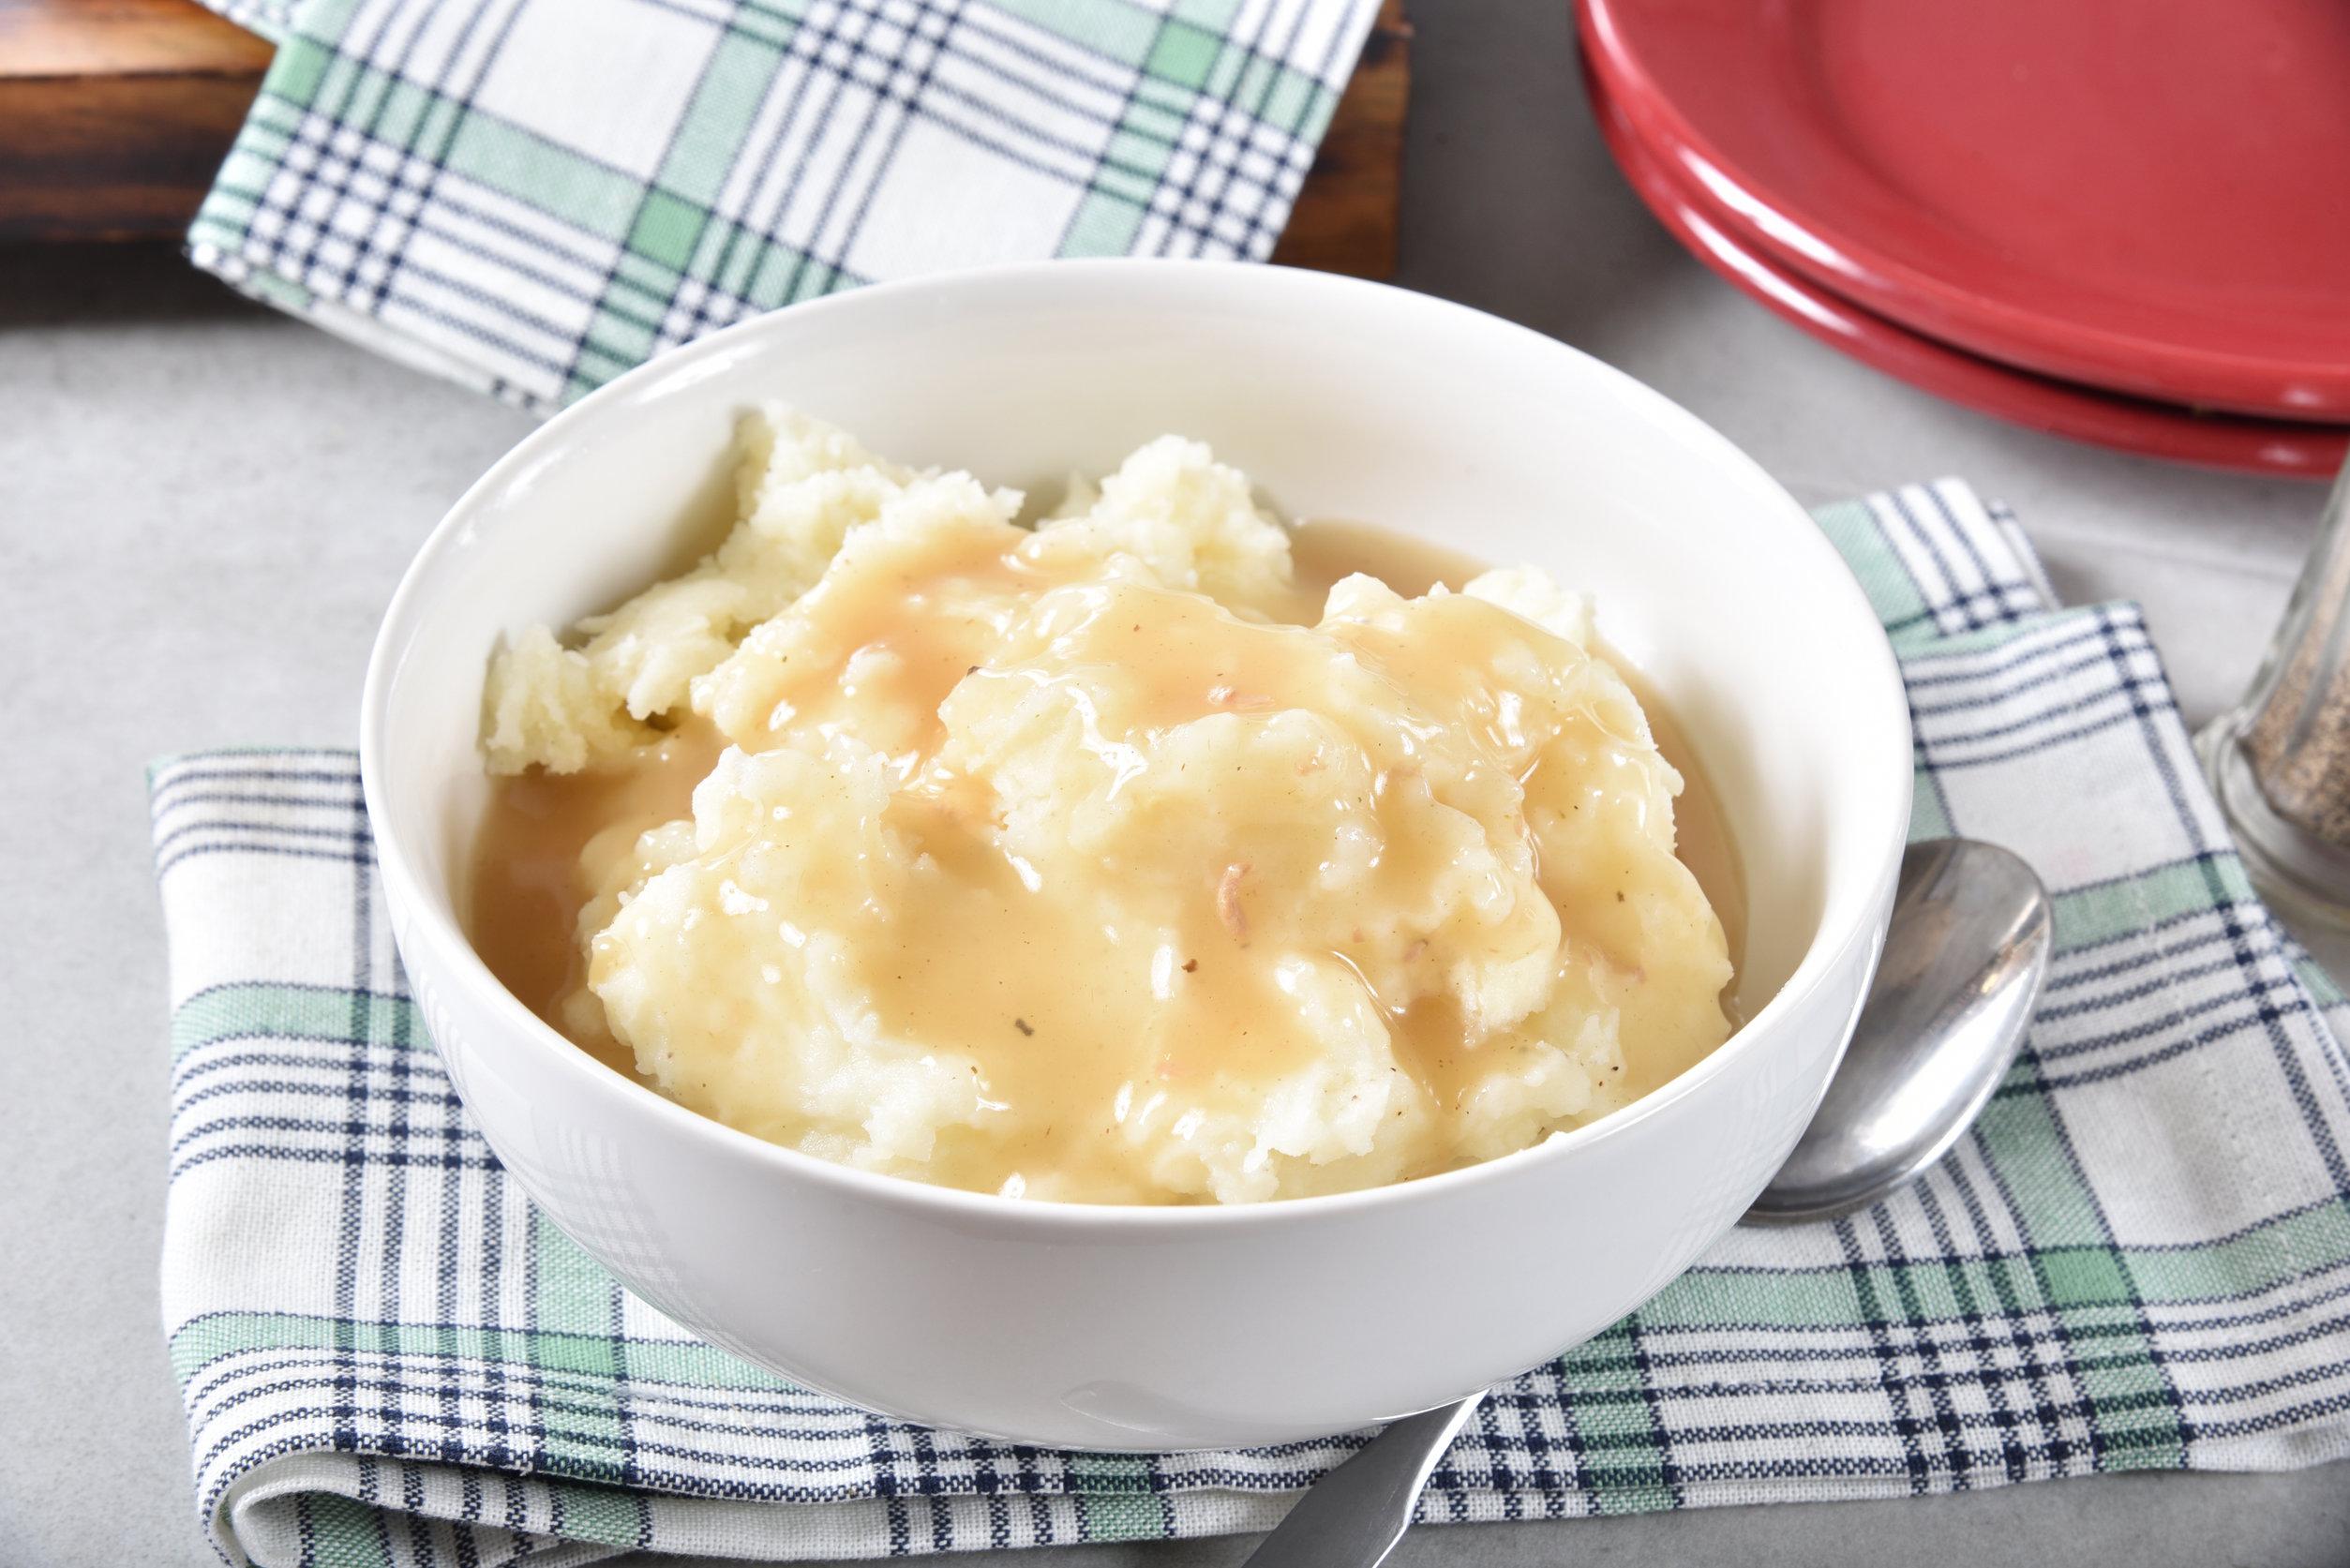 Uma tigela de puré de batata coberta com molho de galinha